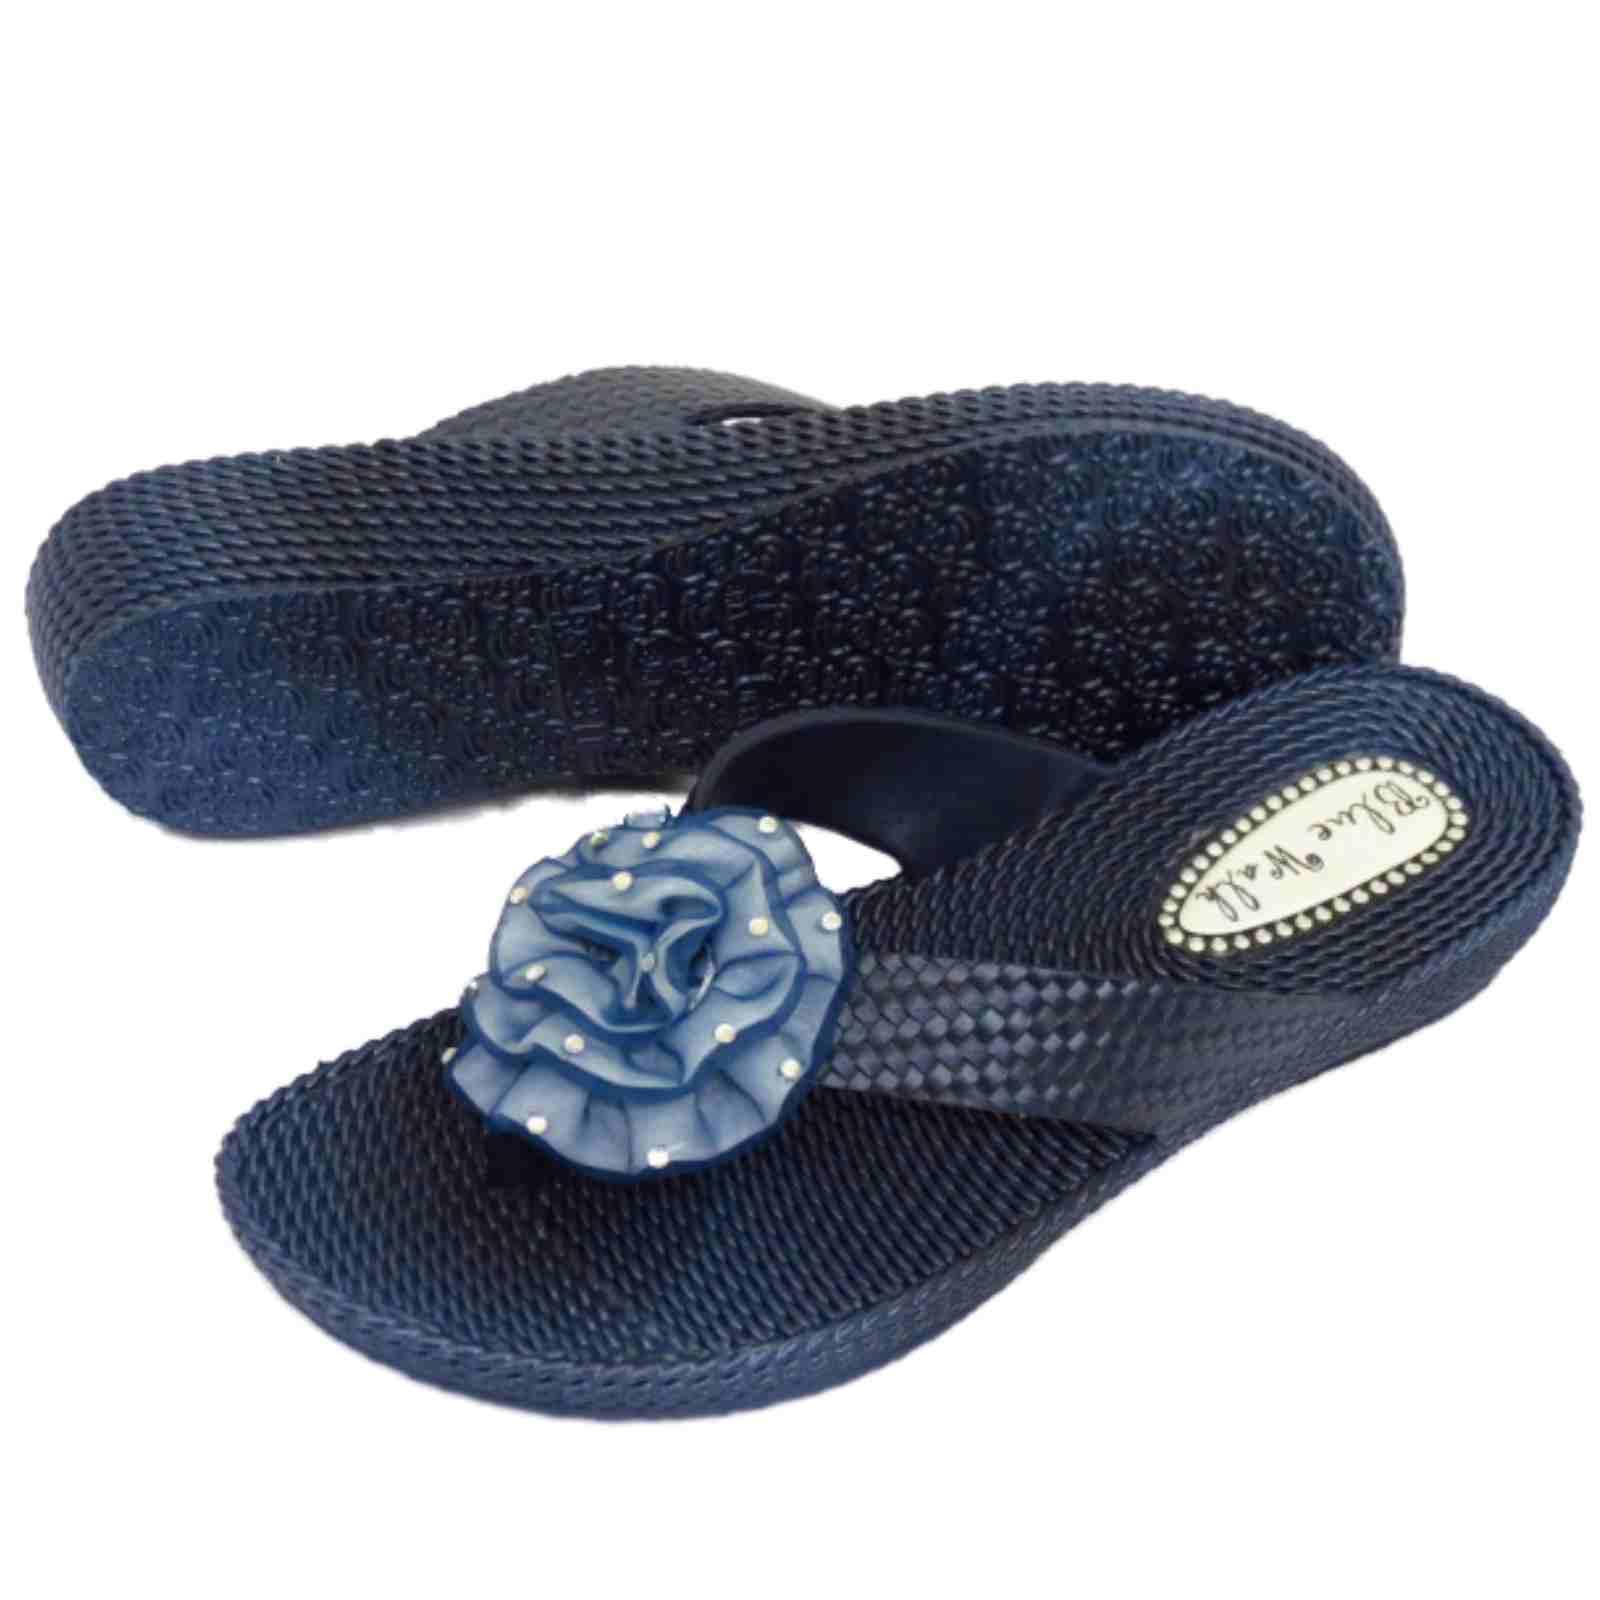 Señoras Plana Azul Marino del Dedo del Pie-Post Sandalias Flip-flop playa Flor Cuña Zapatos 3-8